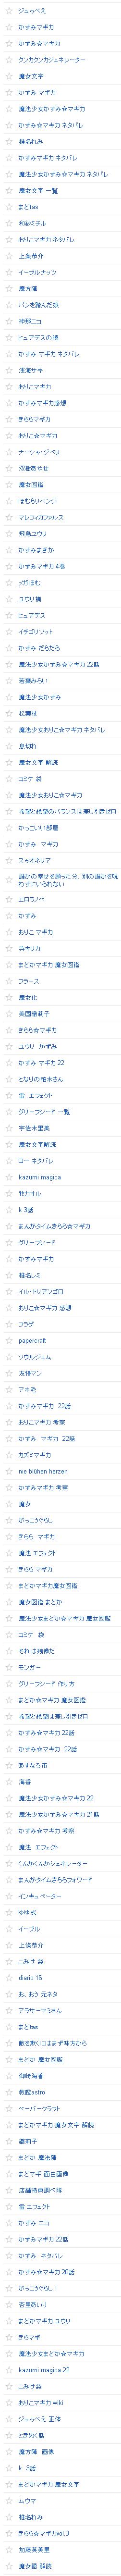 2012/11/02の検索クエリ一覧(ウェブマスターツール)の上位